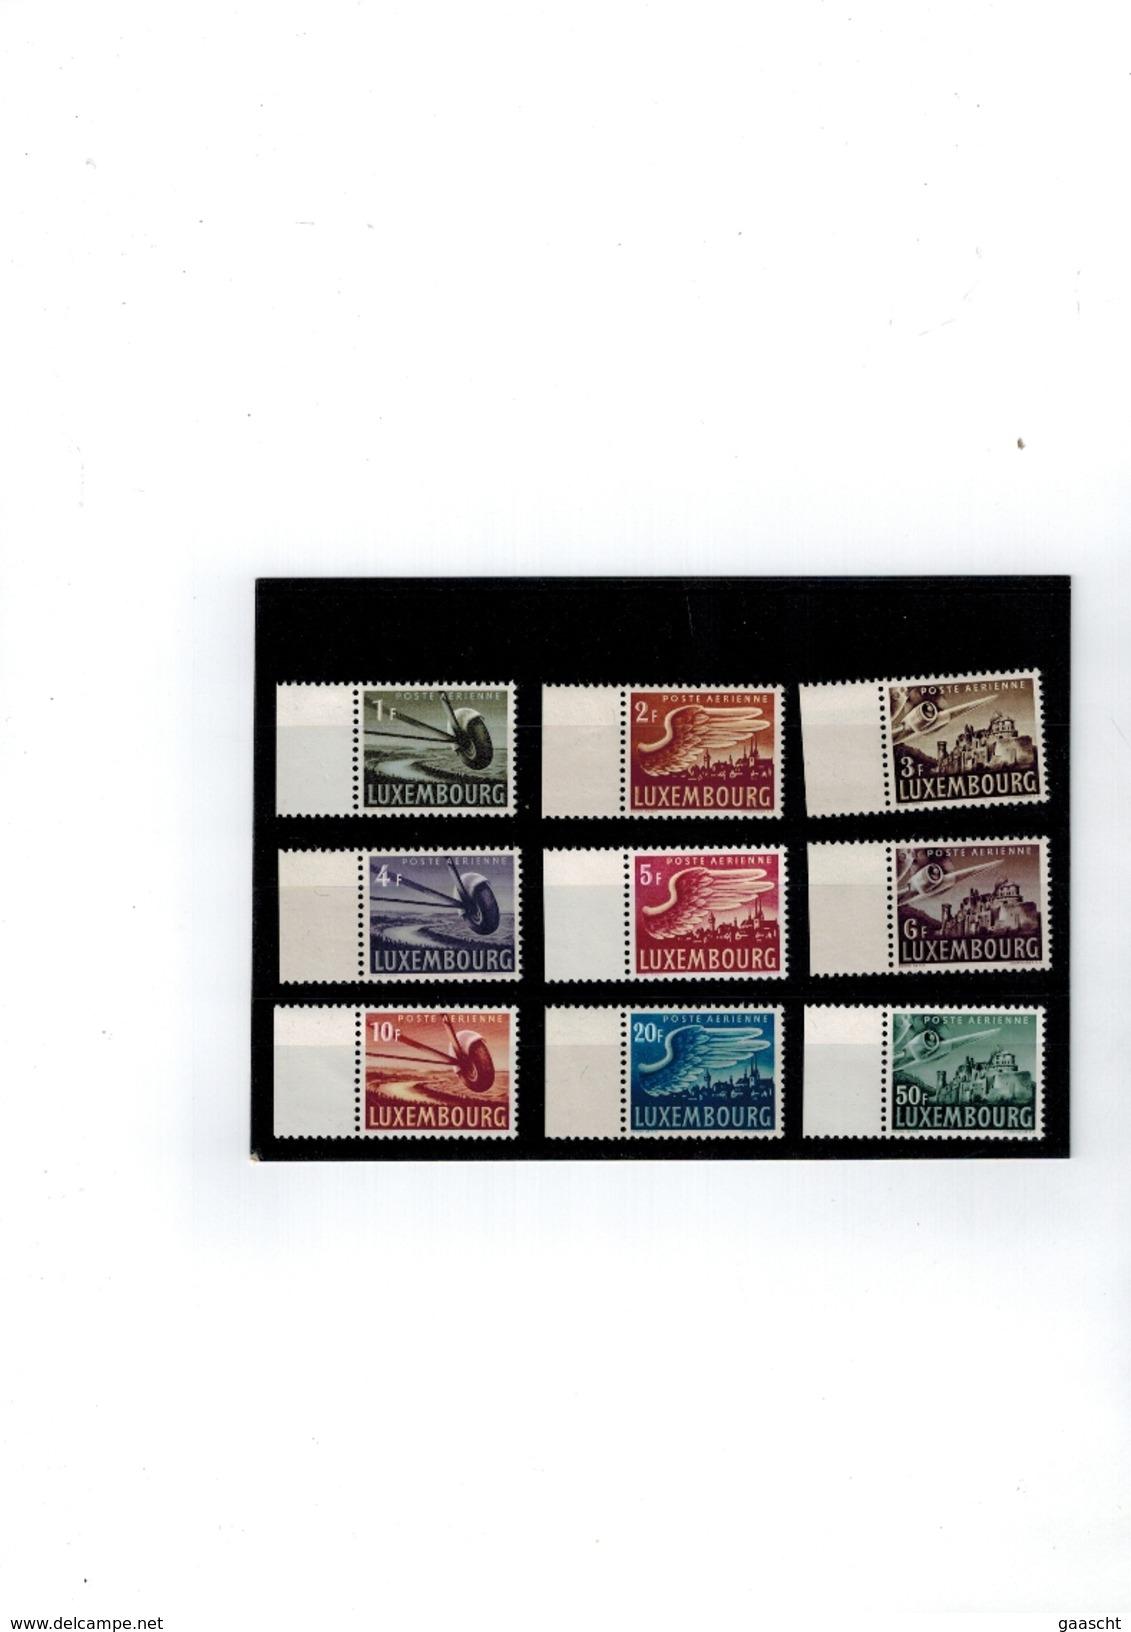 Luxembourg Serie Poste Aerienne De 1946 Neuve Sans Charniere - Nuevos